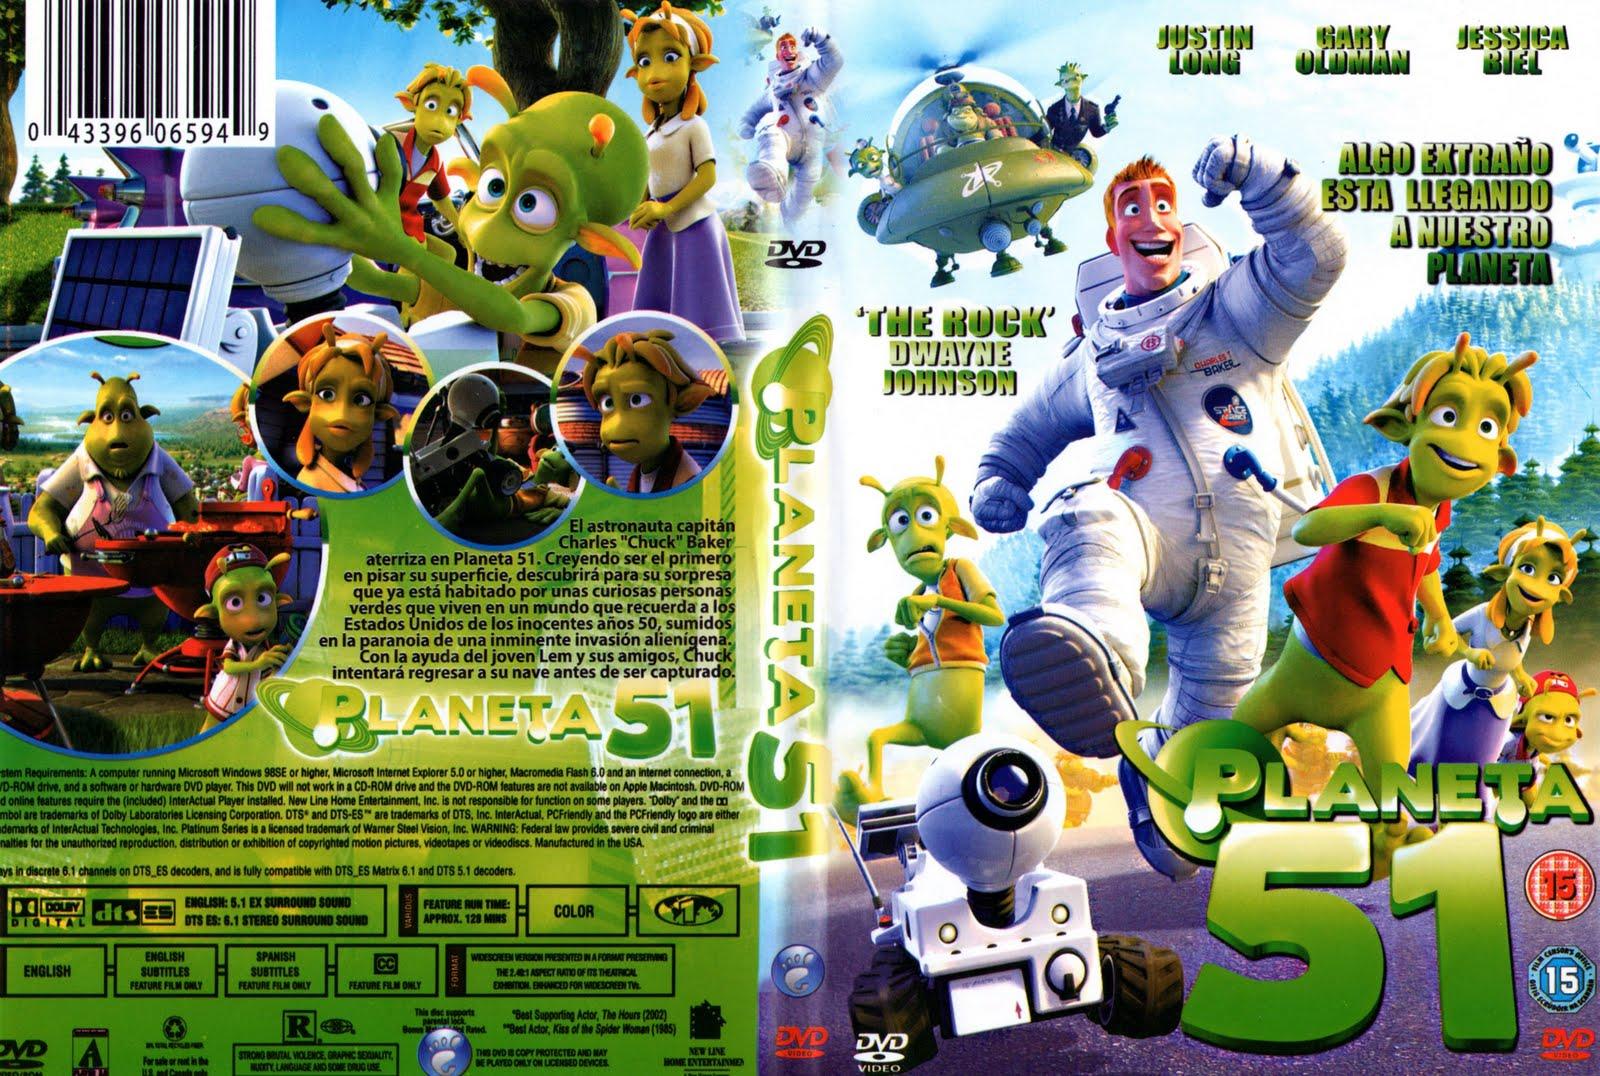 http://2.bp.blogspot.com/_bR5aW4hwIVY/S7ZrzmSbPDI/AAAAAAAAA5M/hvFqT8N_LYs/s1600/planeta%2B51.jpg